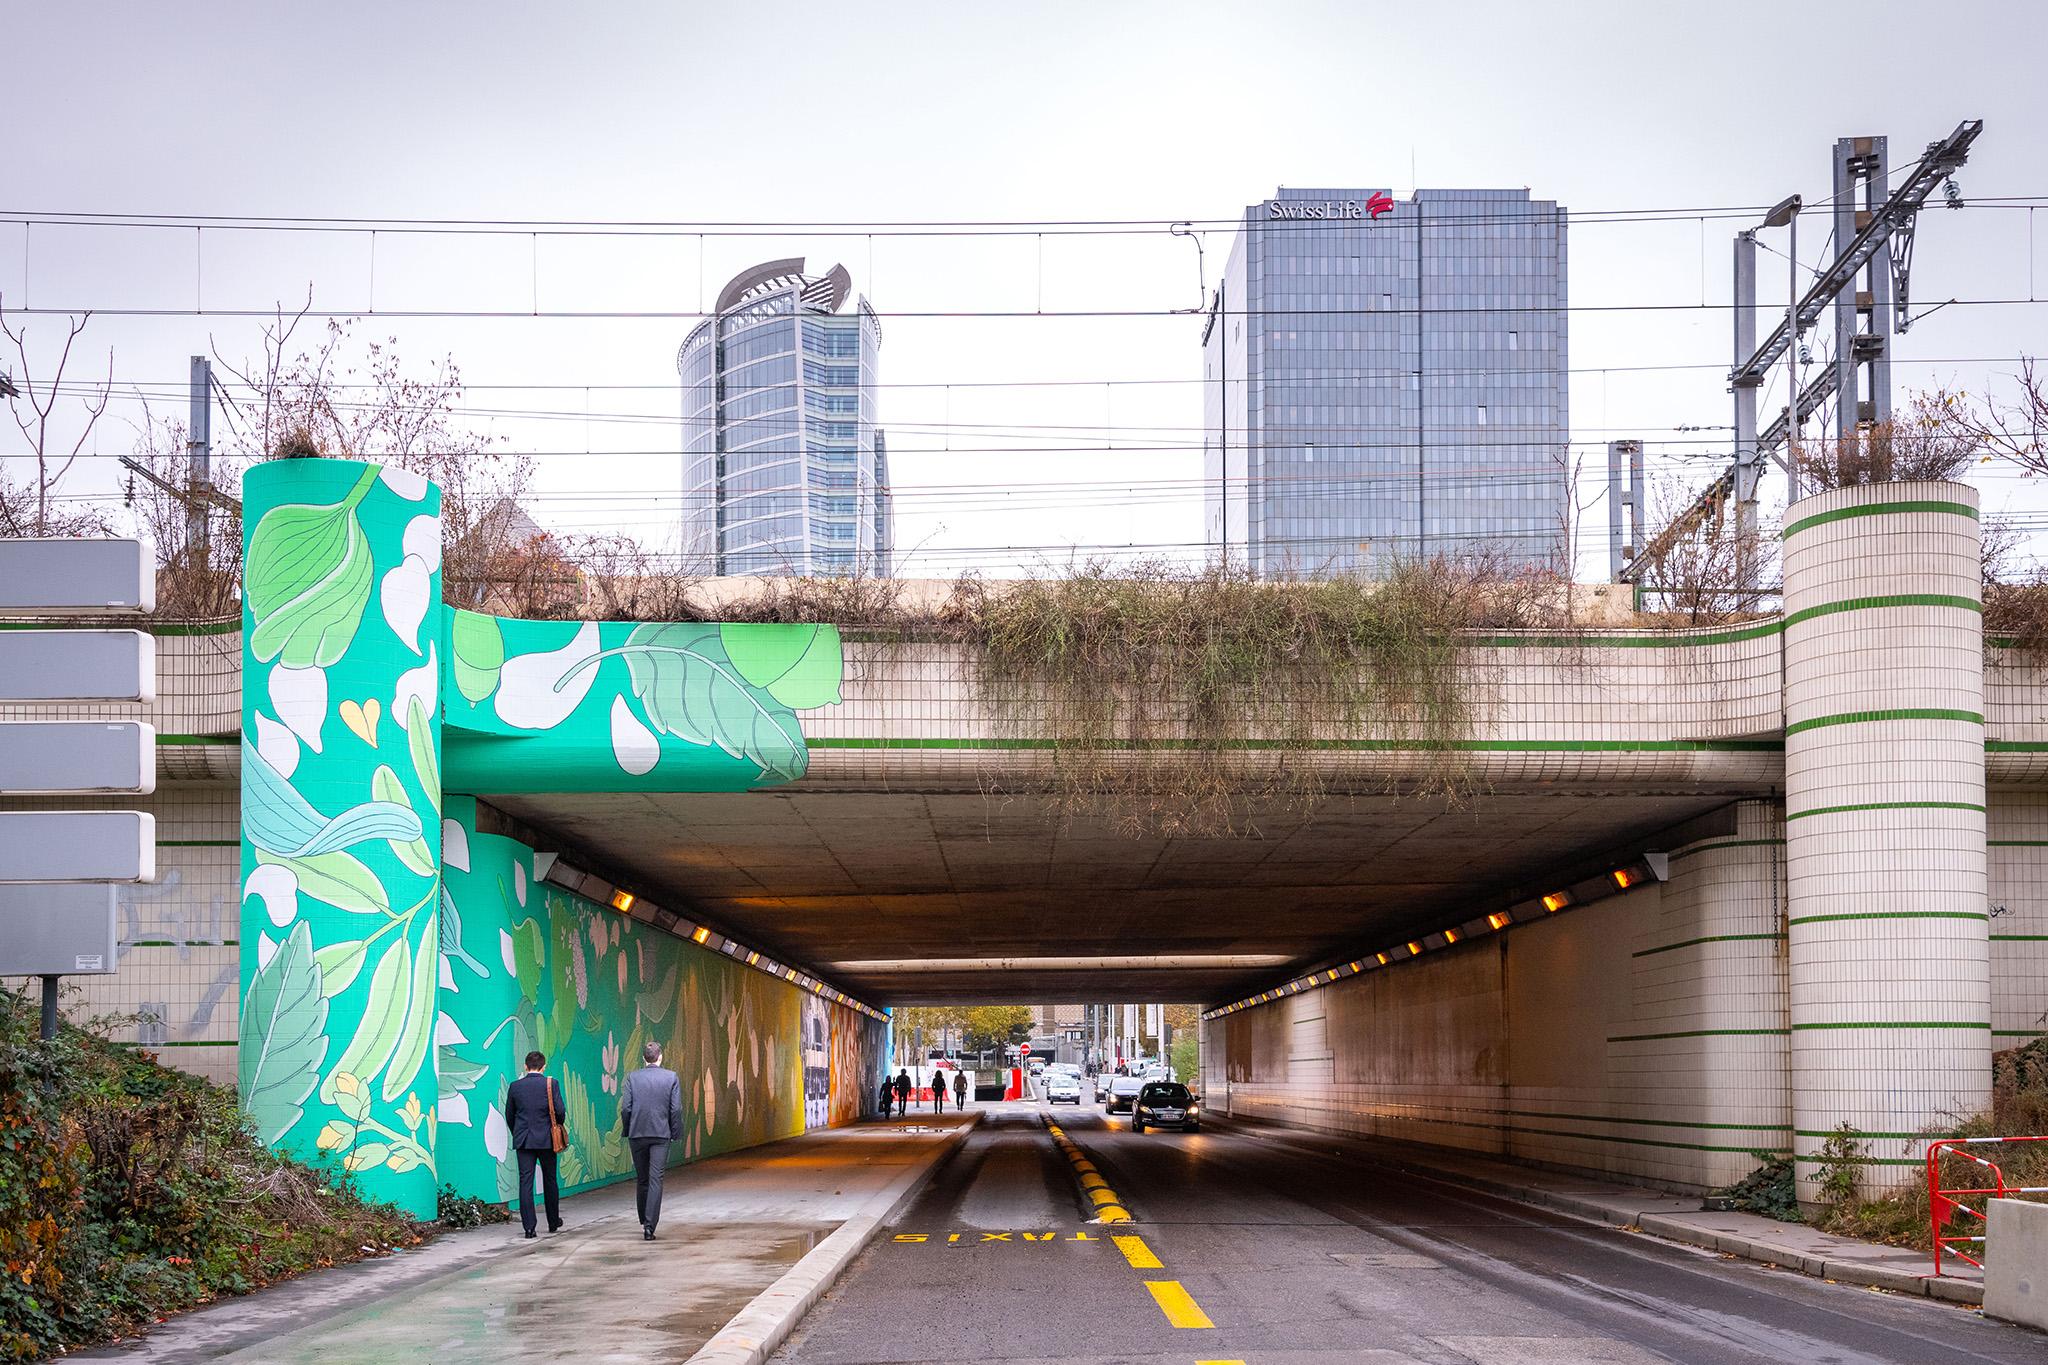 Aménagement de l'espace public par Maison·g pour la SPL Part Dieu (rue Bonnel). Fresque street-art par l'artiste Doa, Lyon